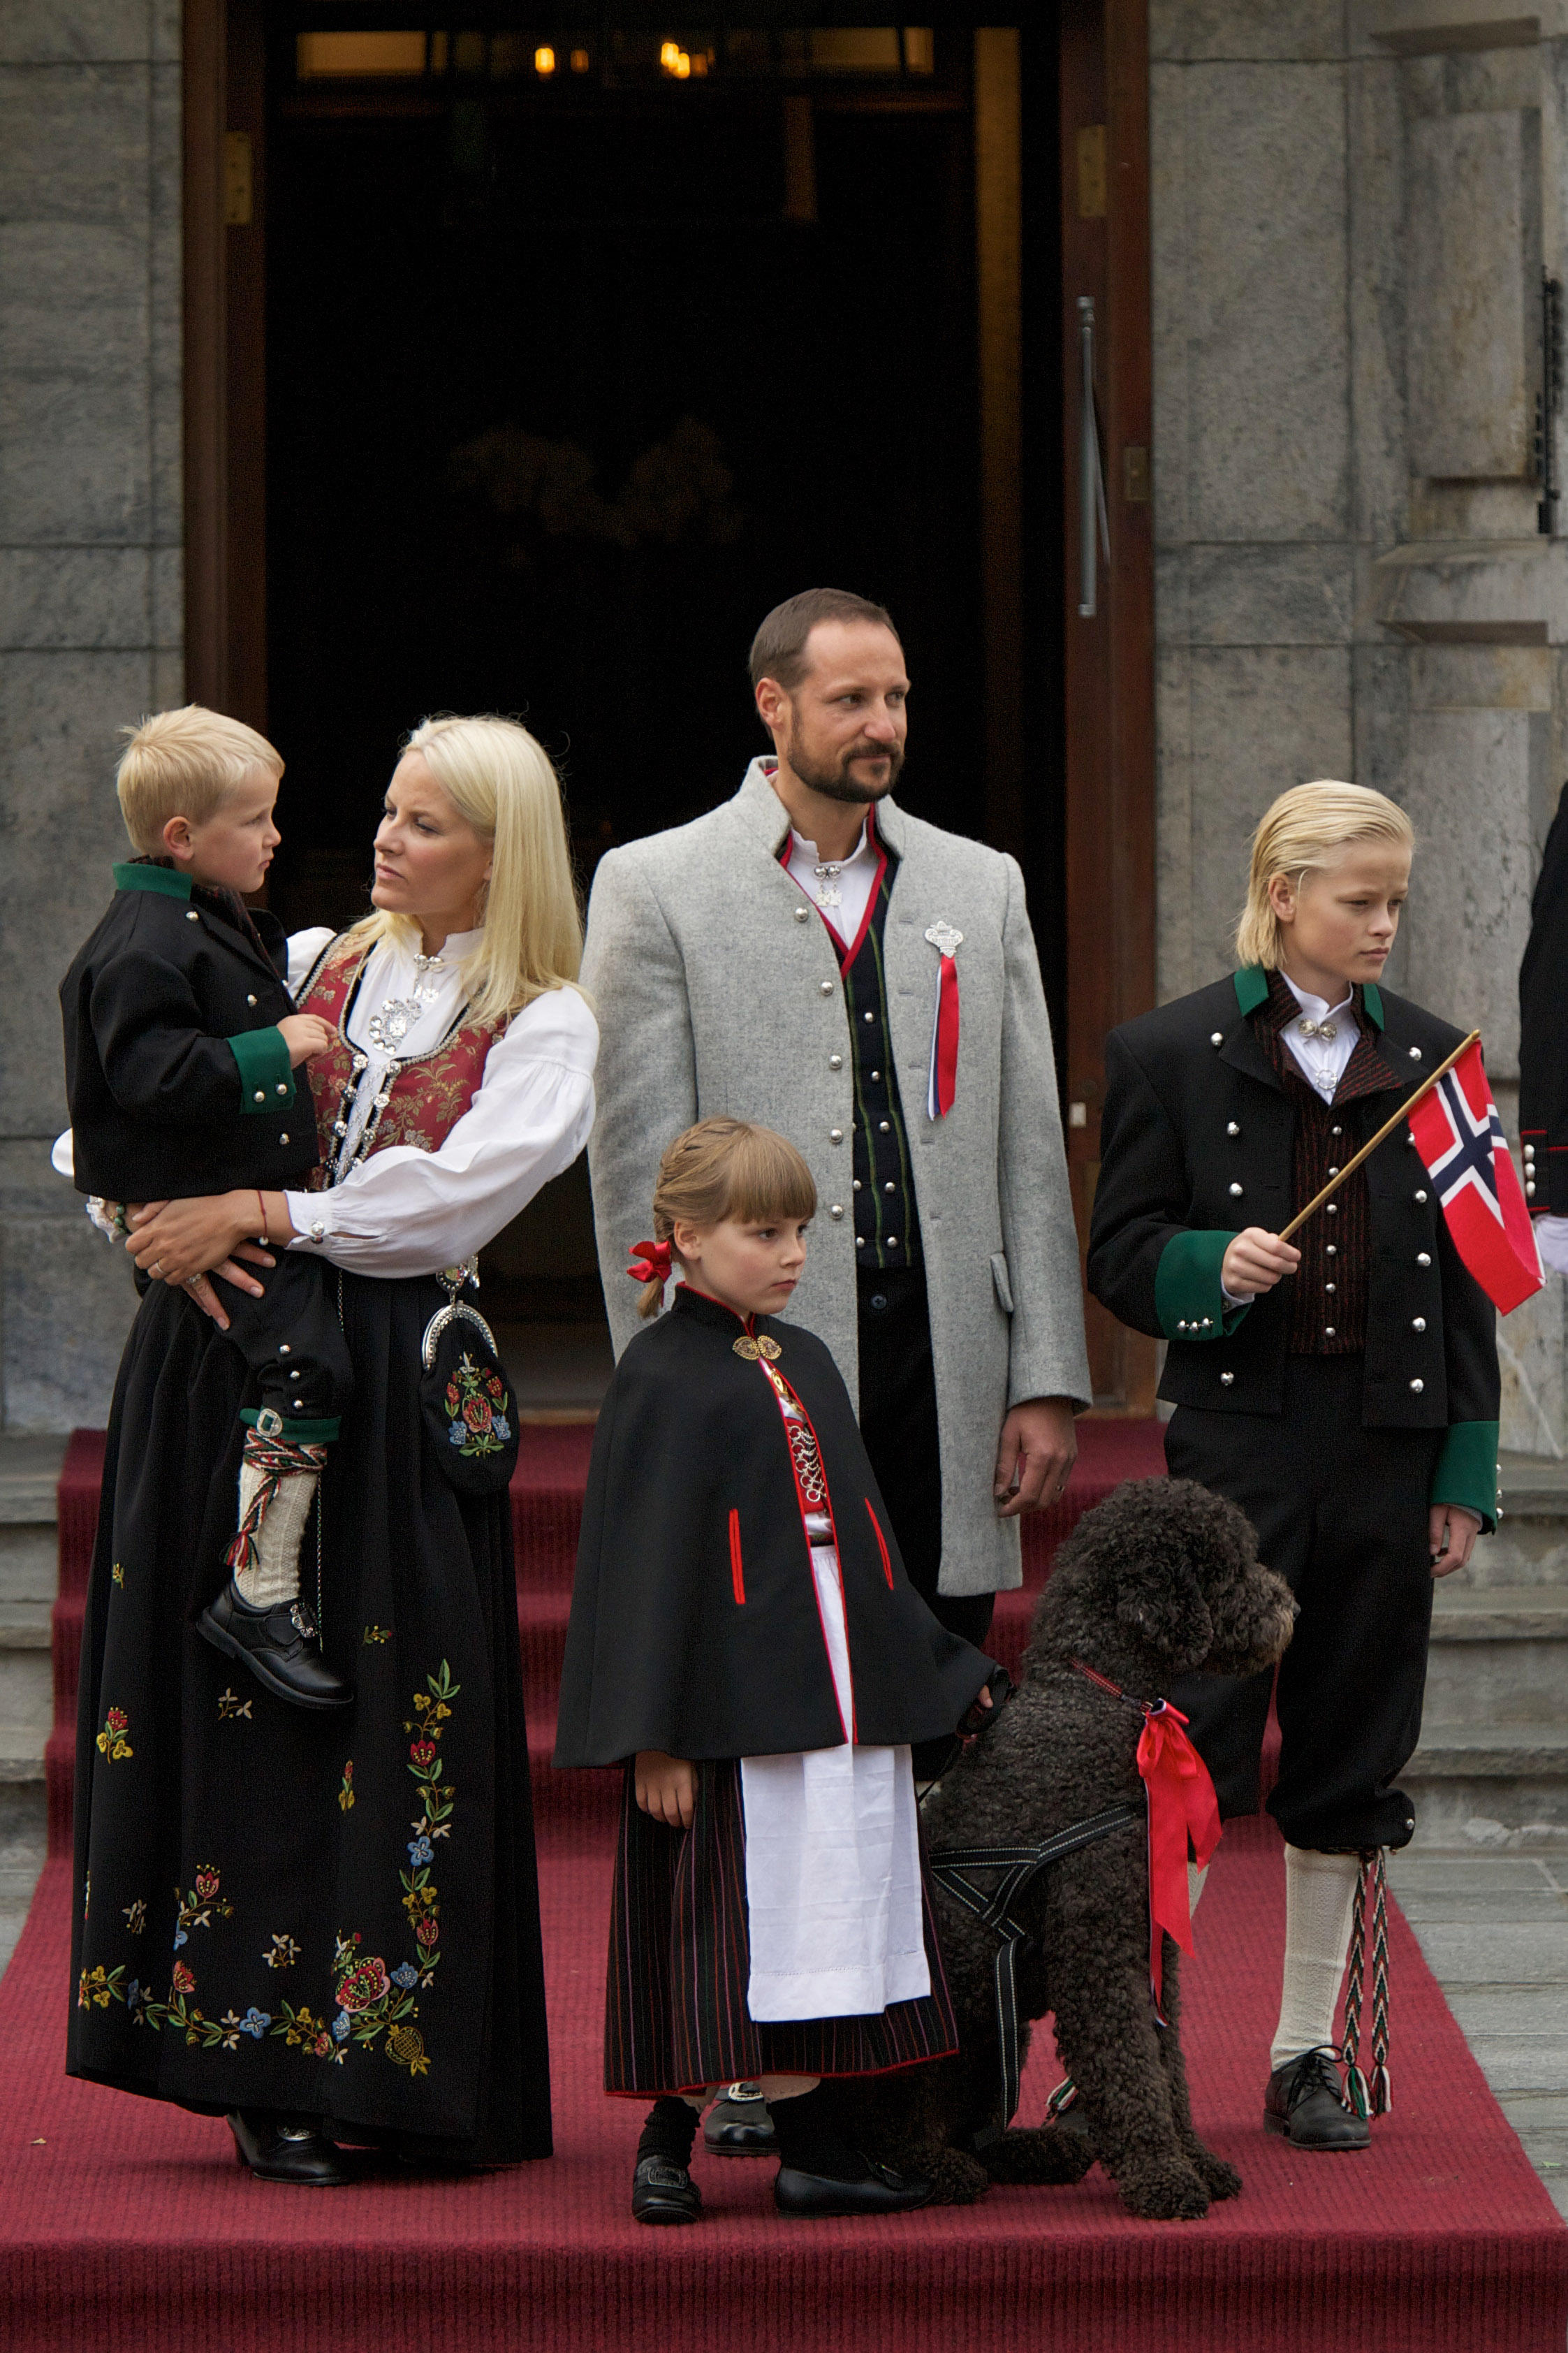 """Die norwegische Kronprinzen-Familie zeigt sich am 17. Mai 2011 anlässlich der """"Childrens Parade"""" in traditioneller Kleidung."""